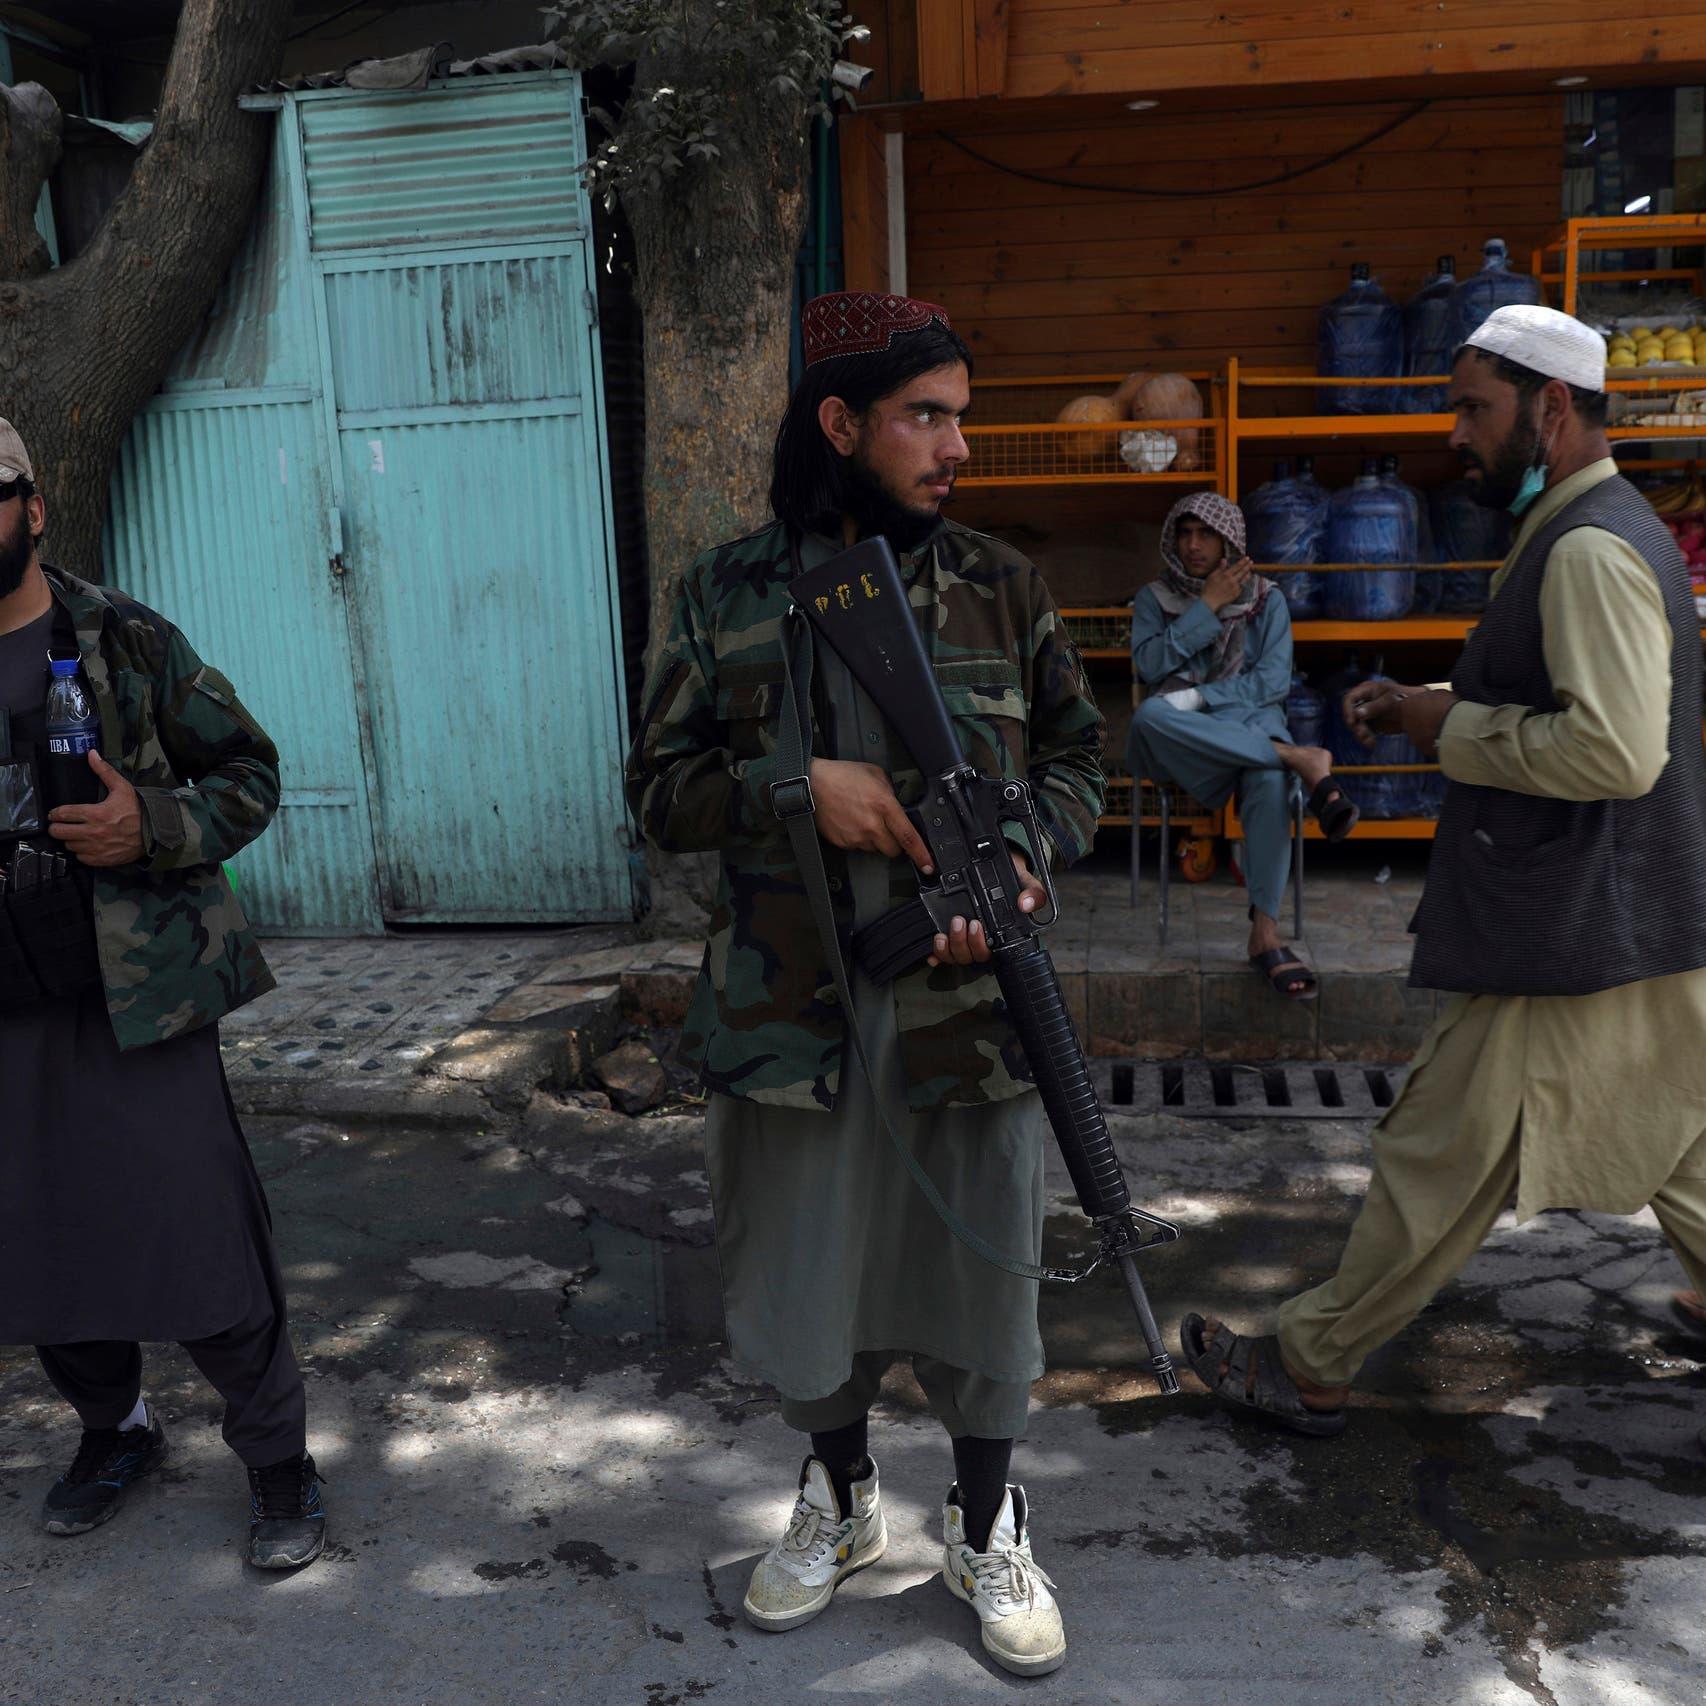 معلومات عن حكم طالبان.. إمارة اسلامية ودمج للأمن